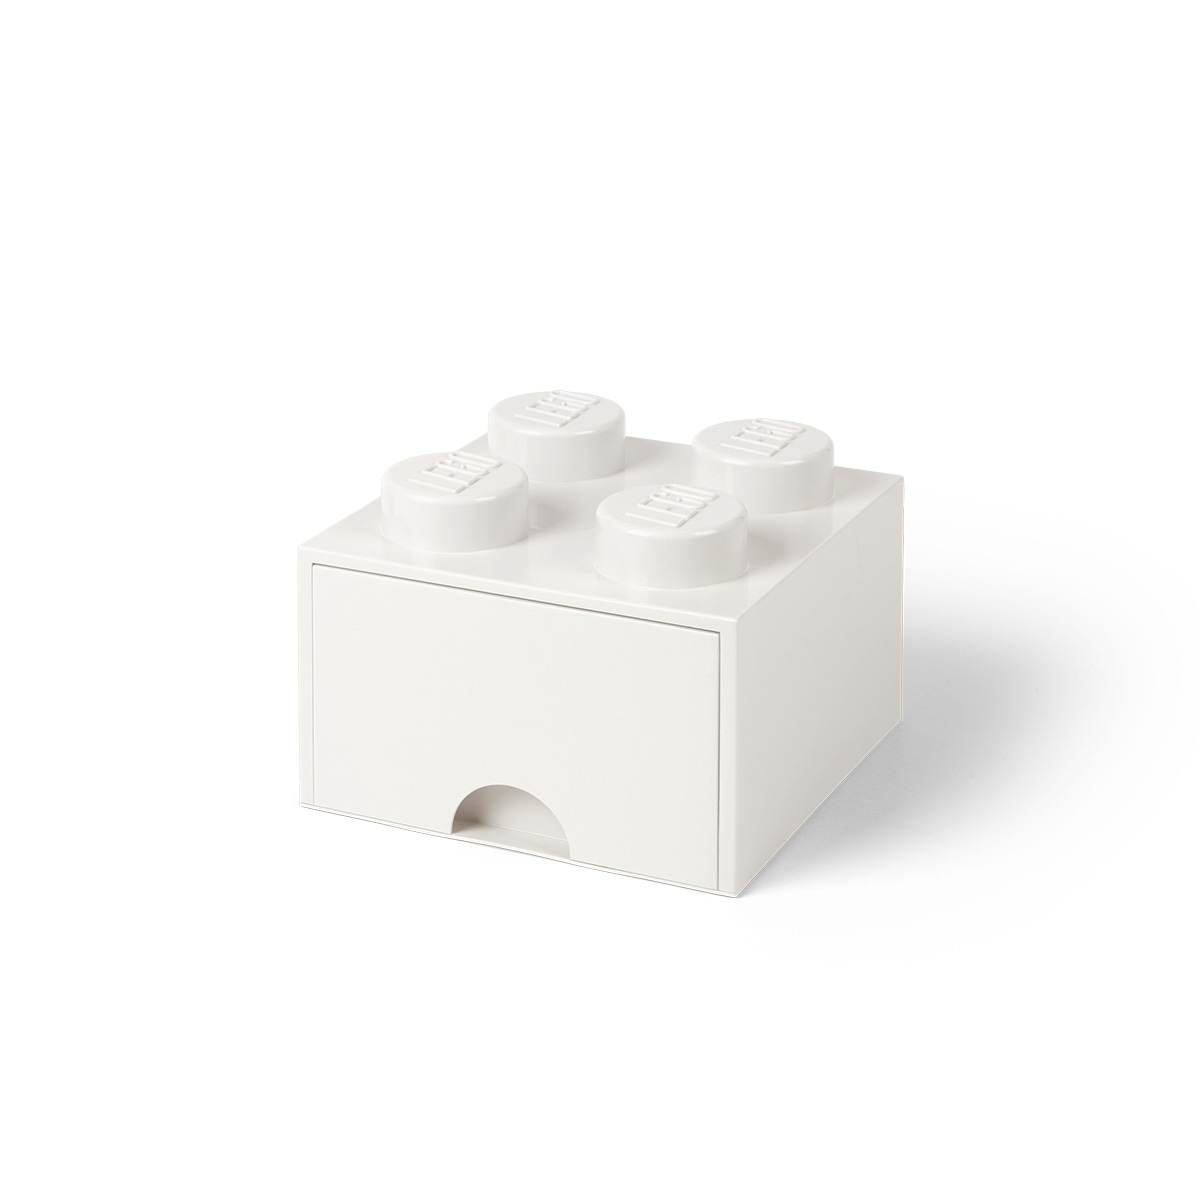 LEGO opbevaringskasse med 1 skuffe - Hvid